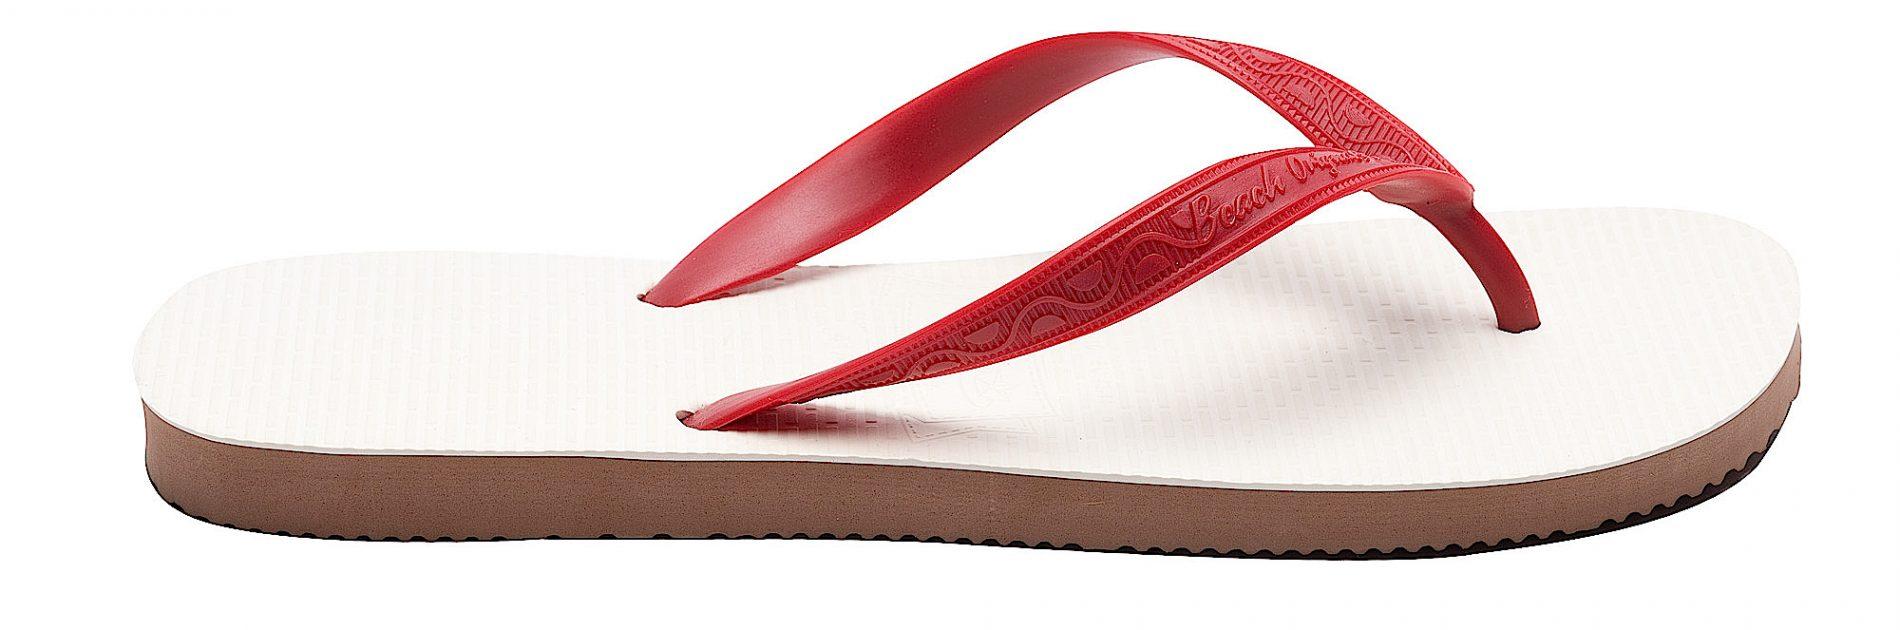 Tong modèle Tulum rouge cerise. Vue de profil